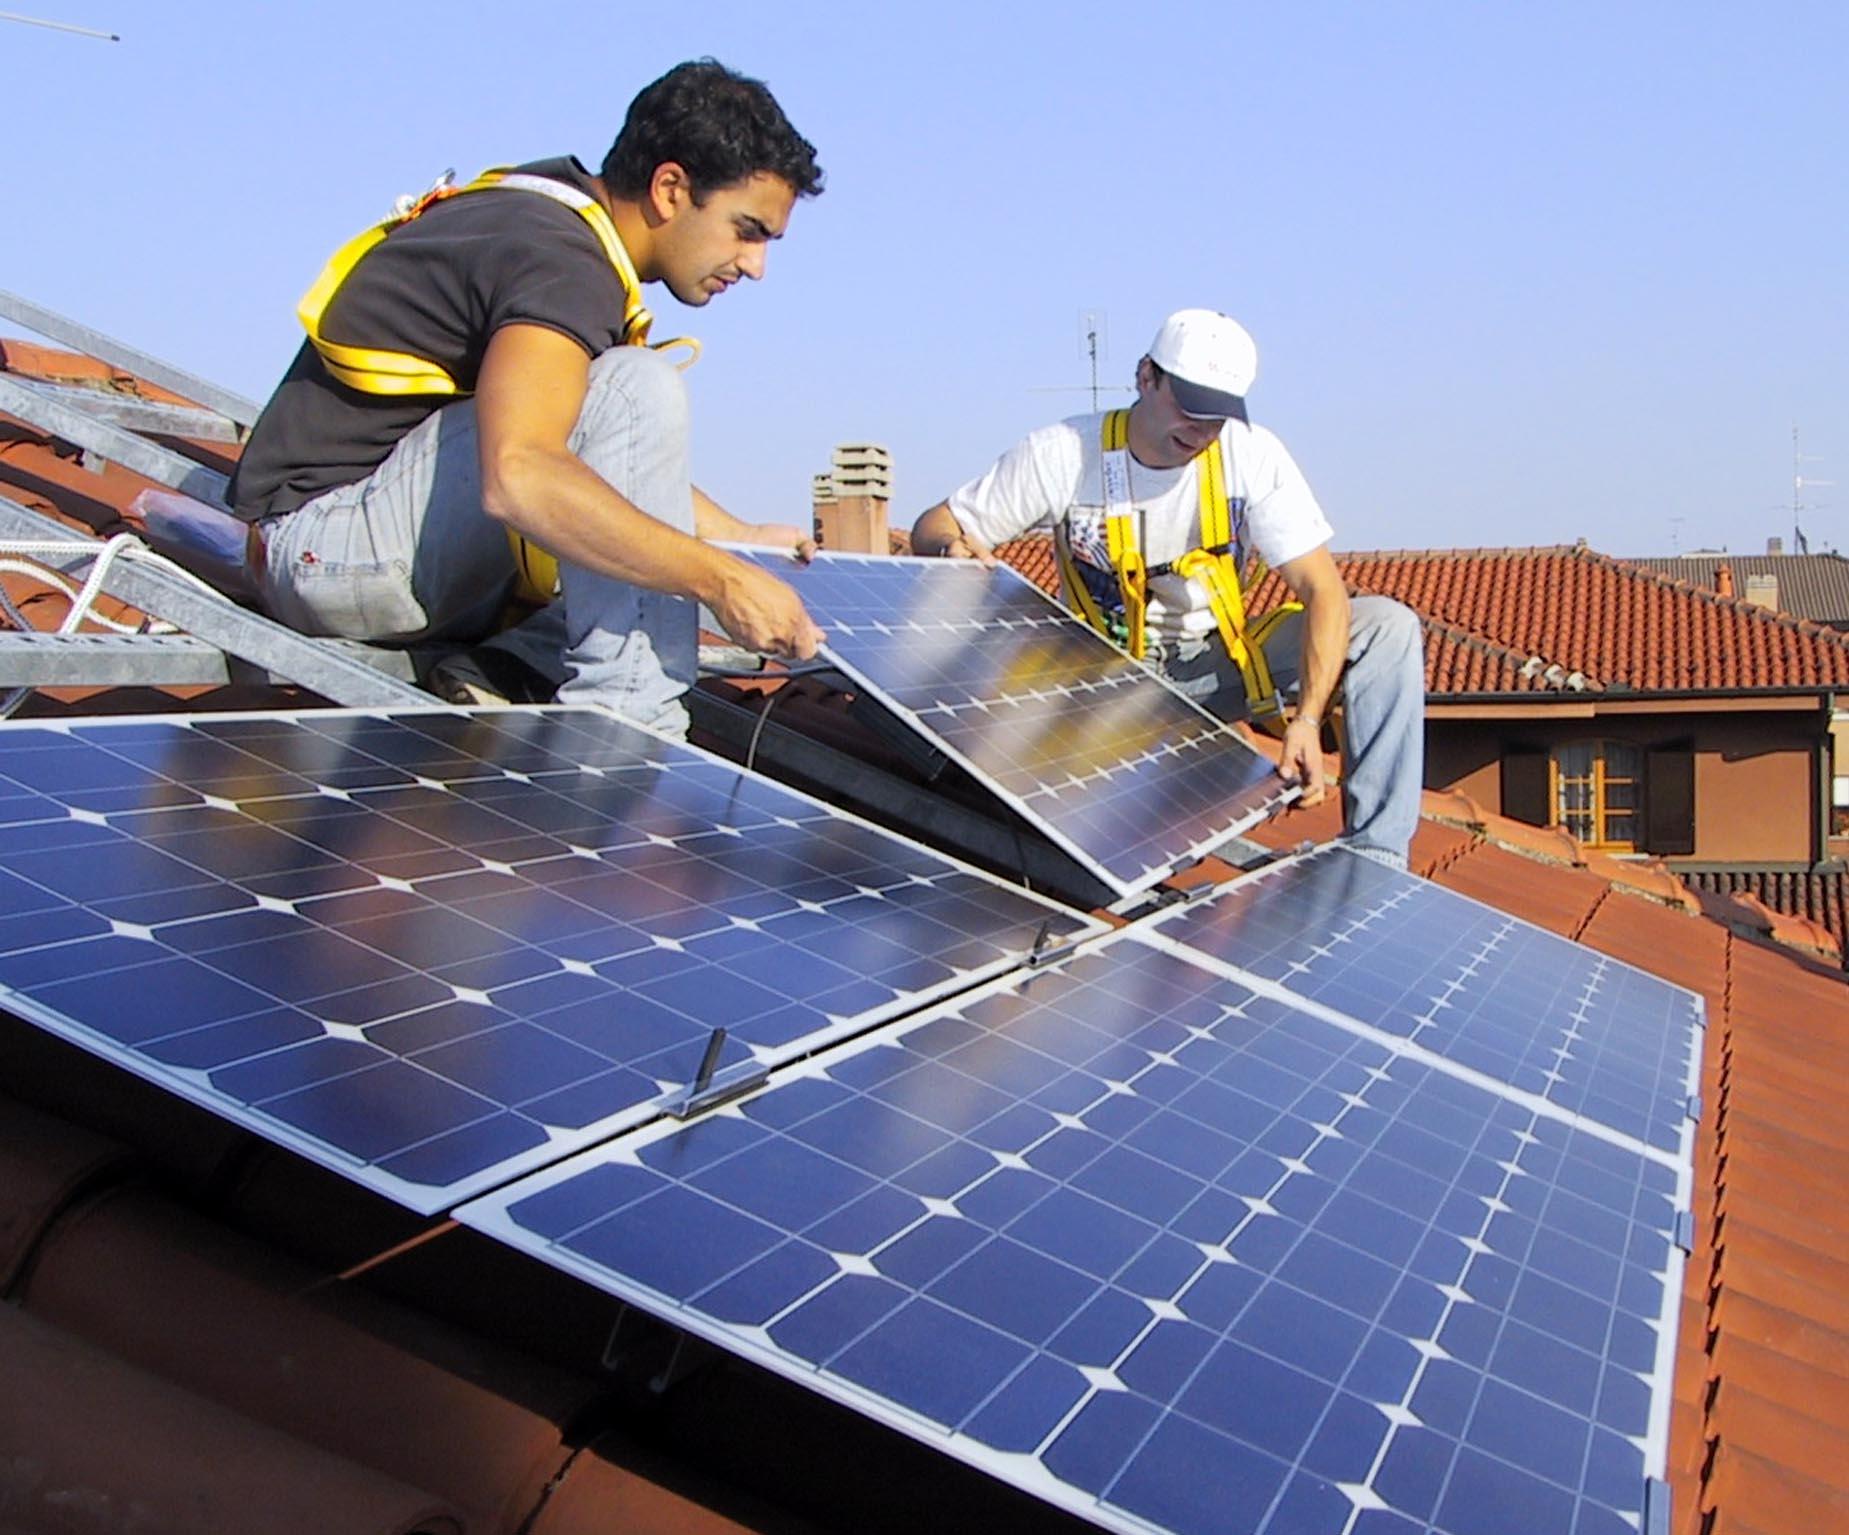 installatori di energie rinnovabili